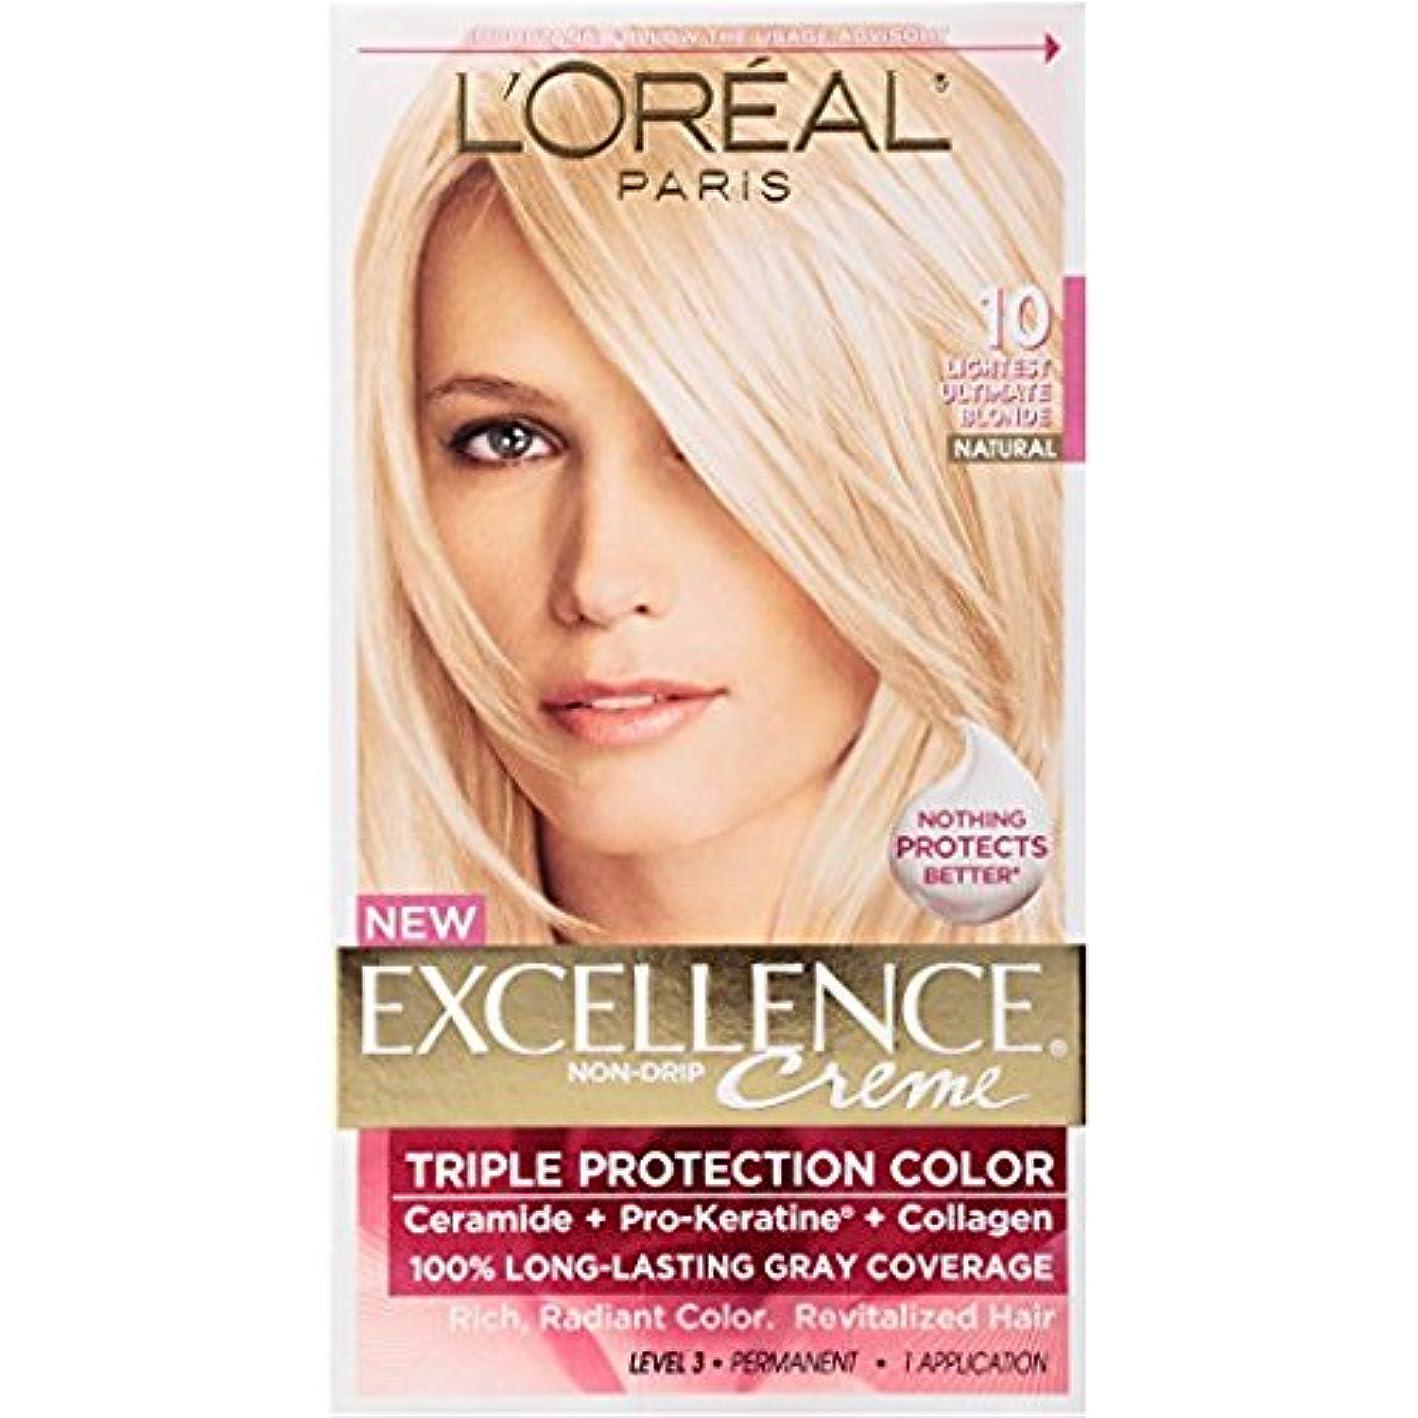 フェデレーション自己尊重ポークロレアル L'Oreal Paris Excellence Creme Pro - Keratine 10 Light Ultimate Blonde ブロンド ヘアダイ [並行輸入品]